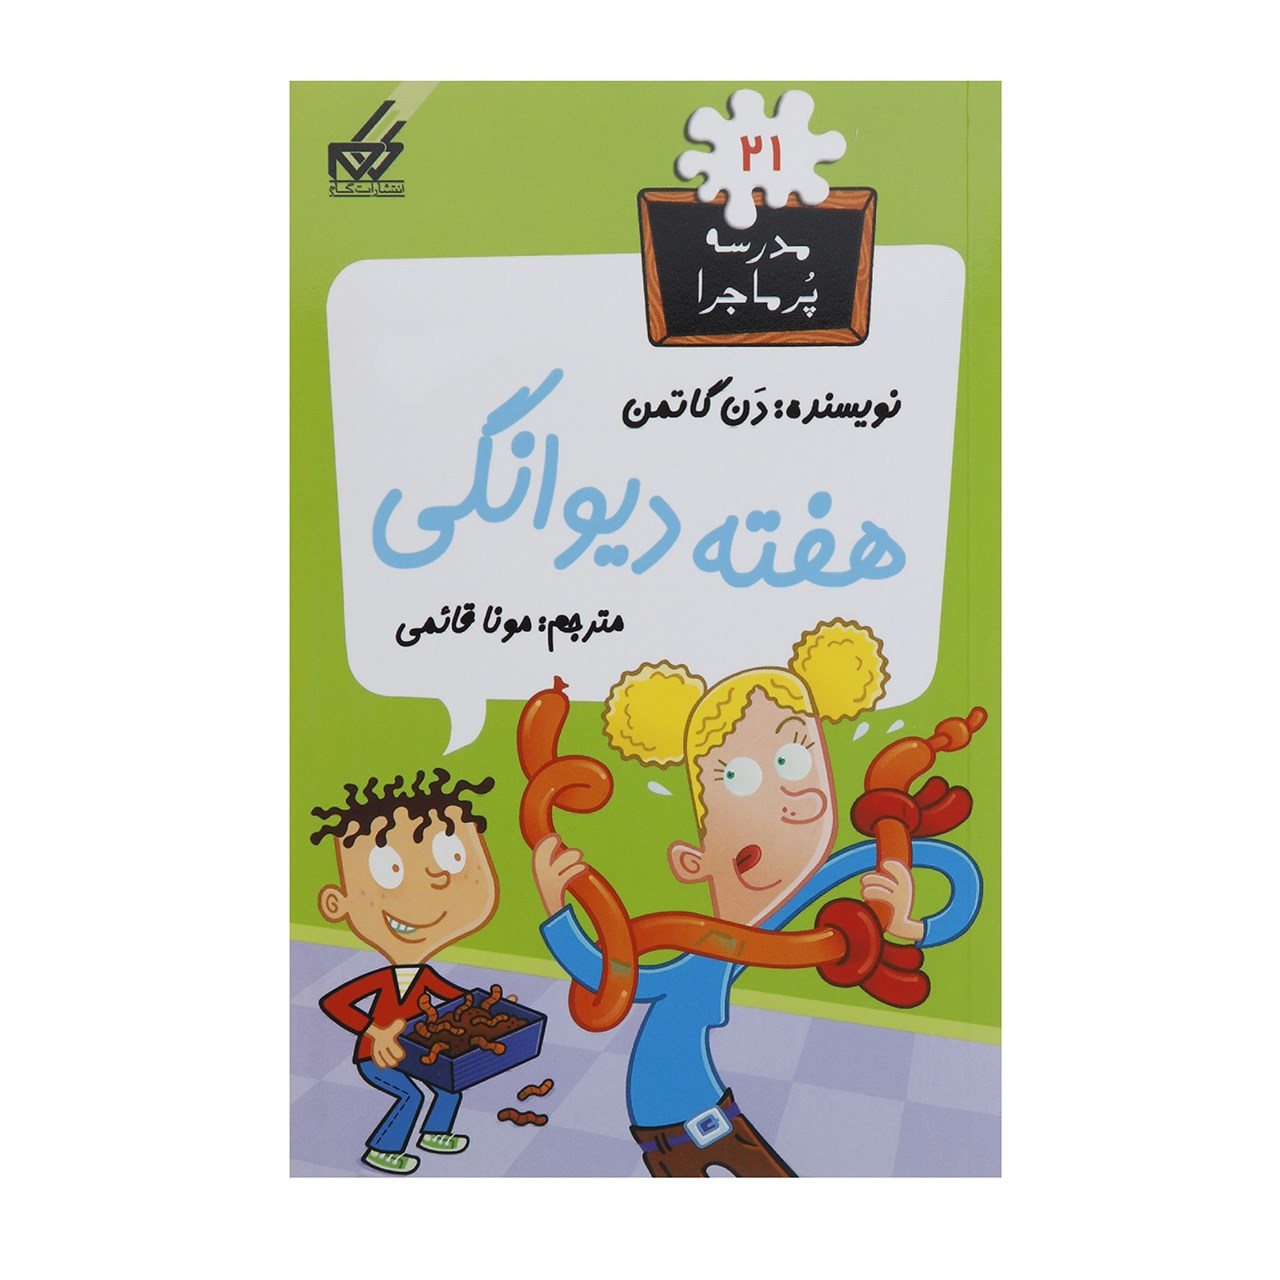 خرید                      کتاب مدرسه پر ماجرا 21 هفته دیوانگی اثر دن گاتمن